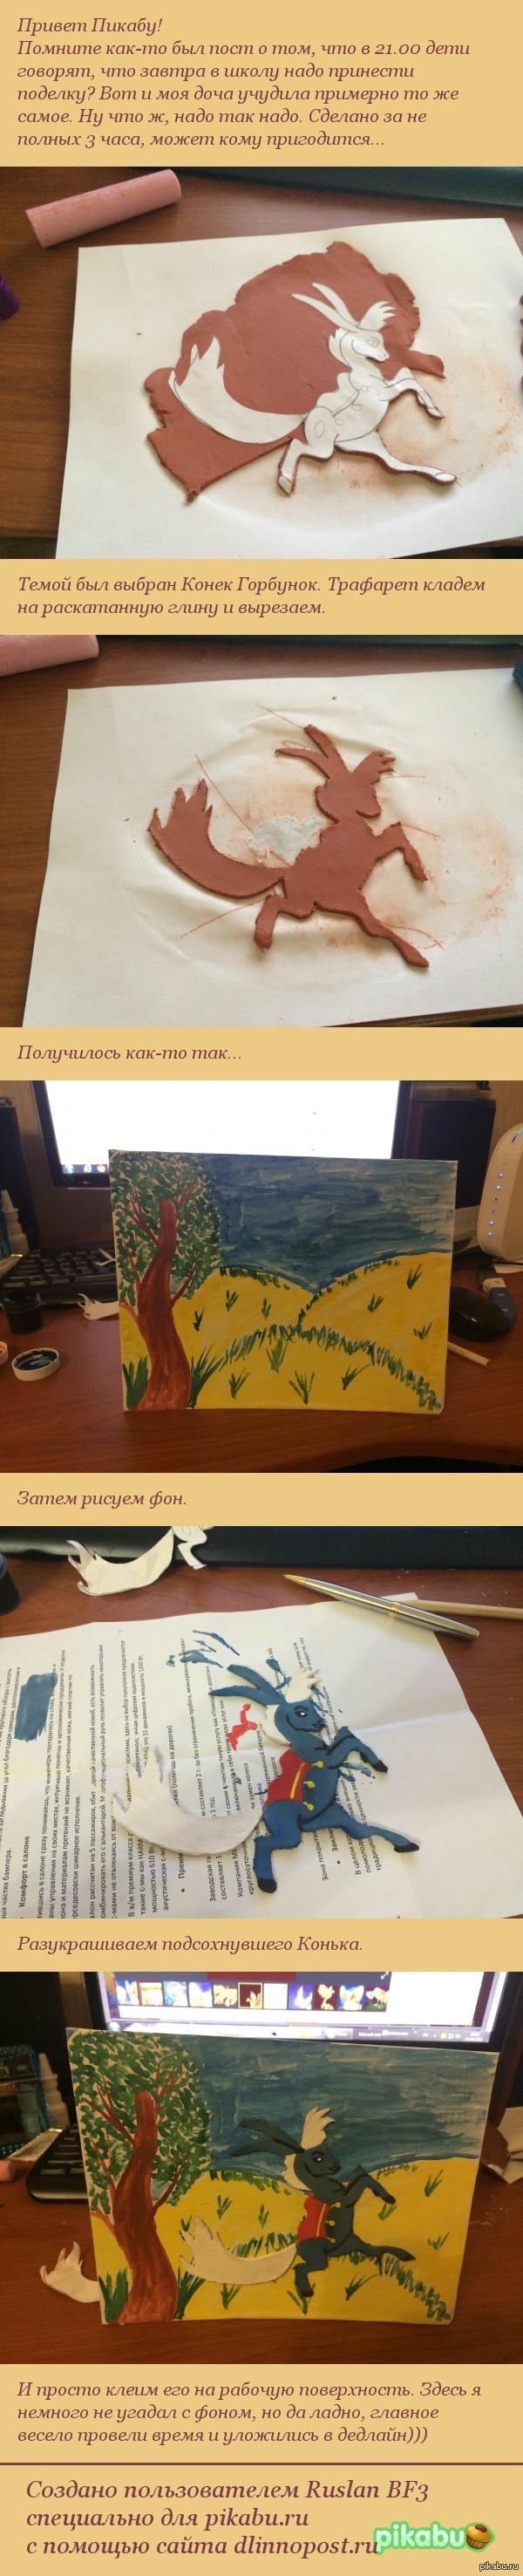 Домашняя работа! Лига рукожопов принимайте)))